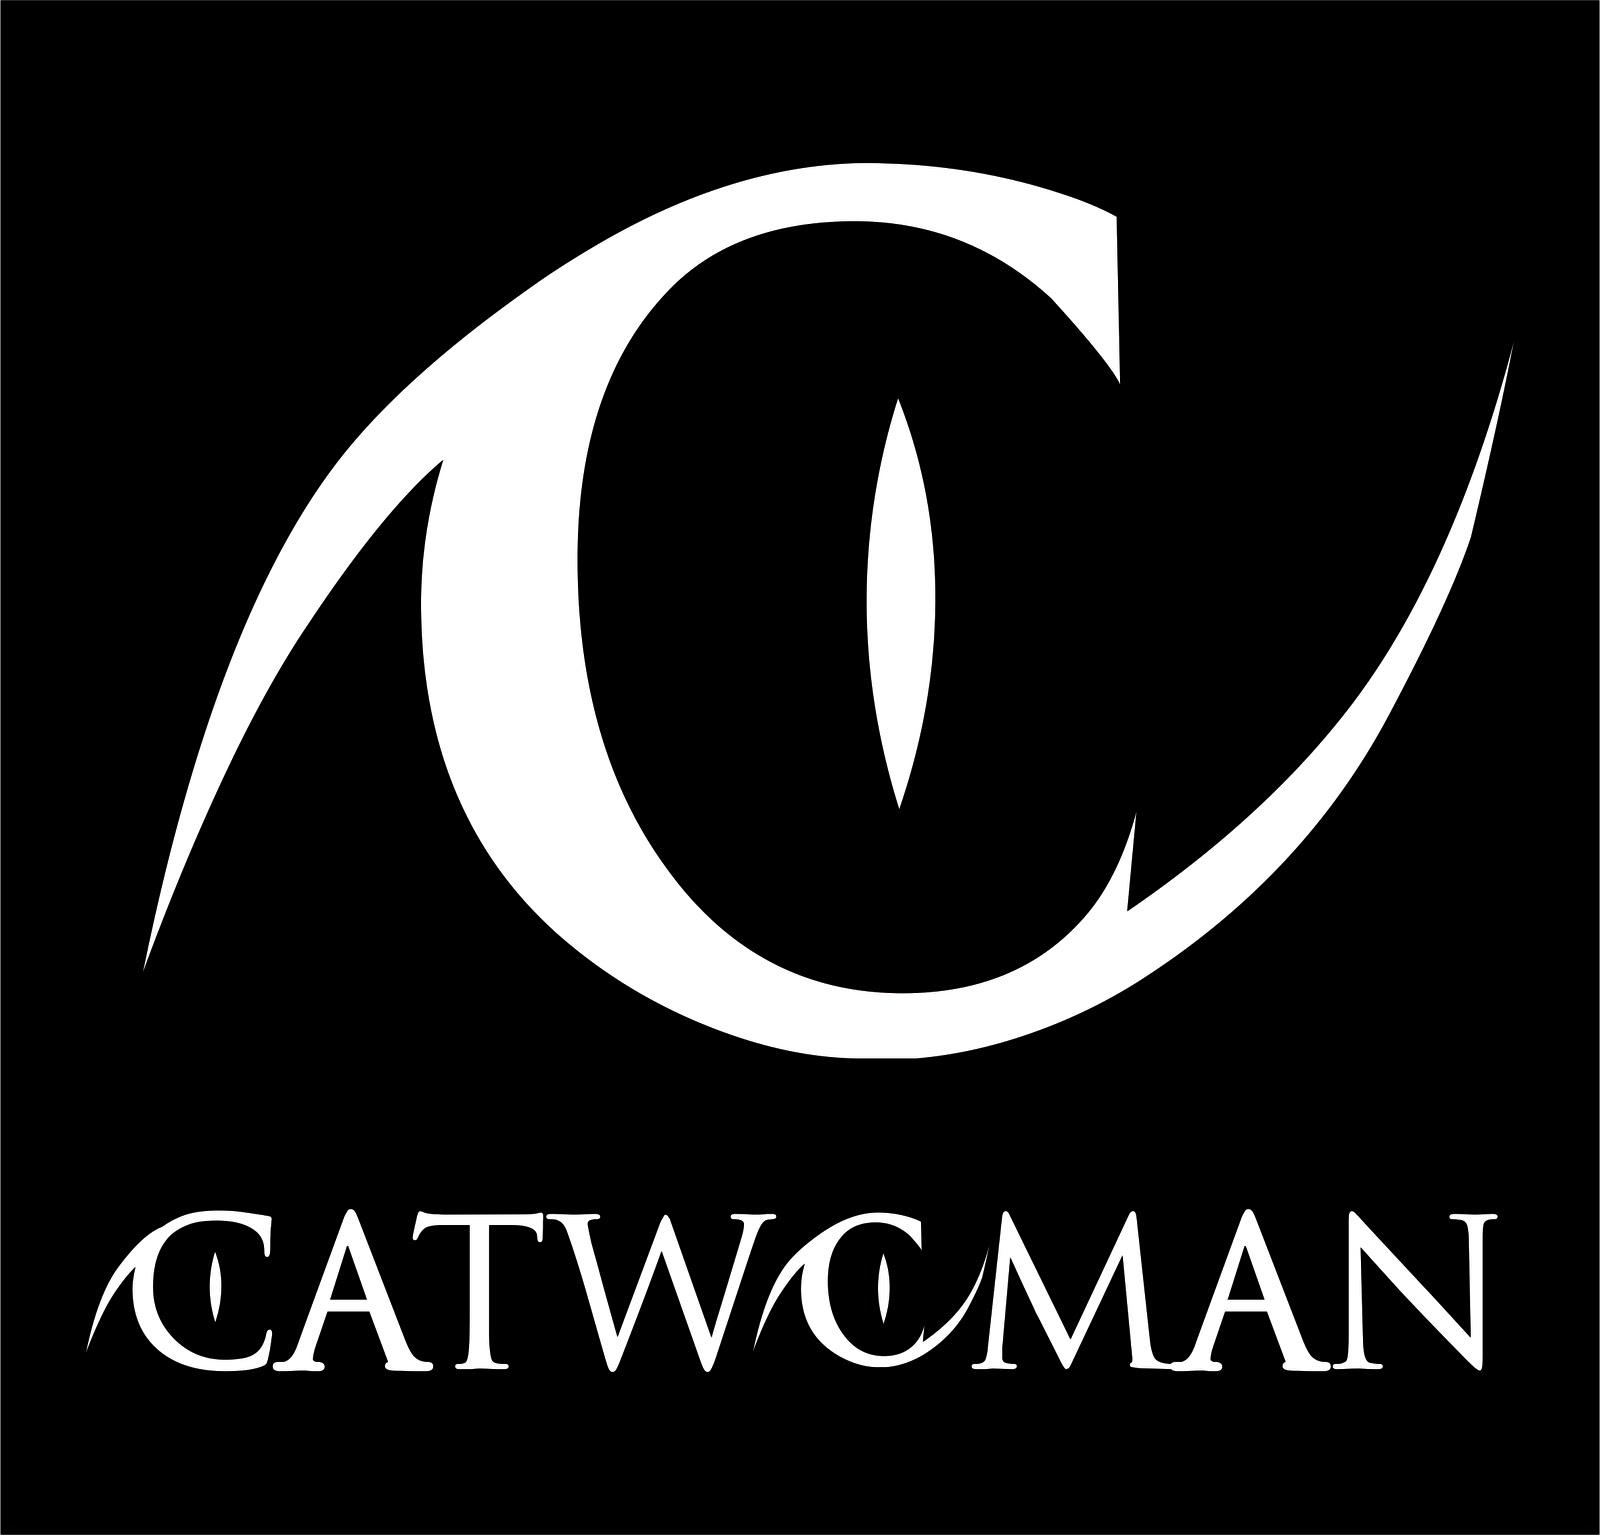 Catwoman clipart logo Con con catwoman Google Cerca